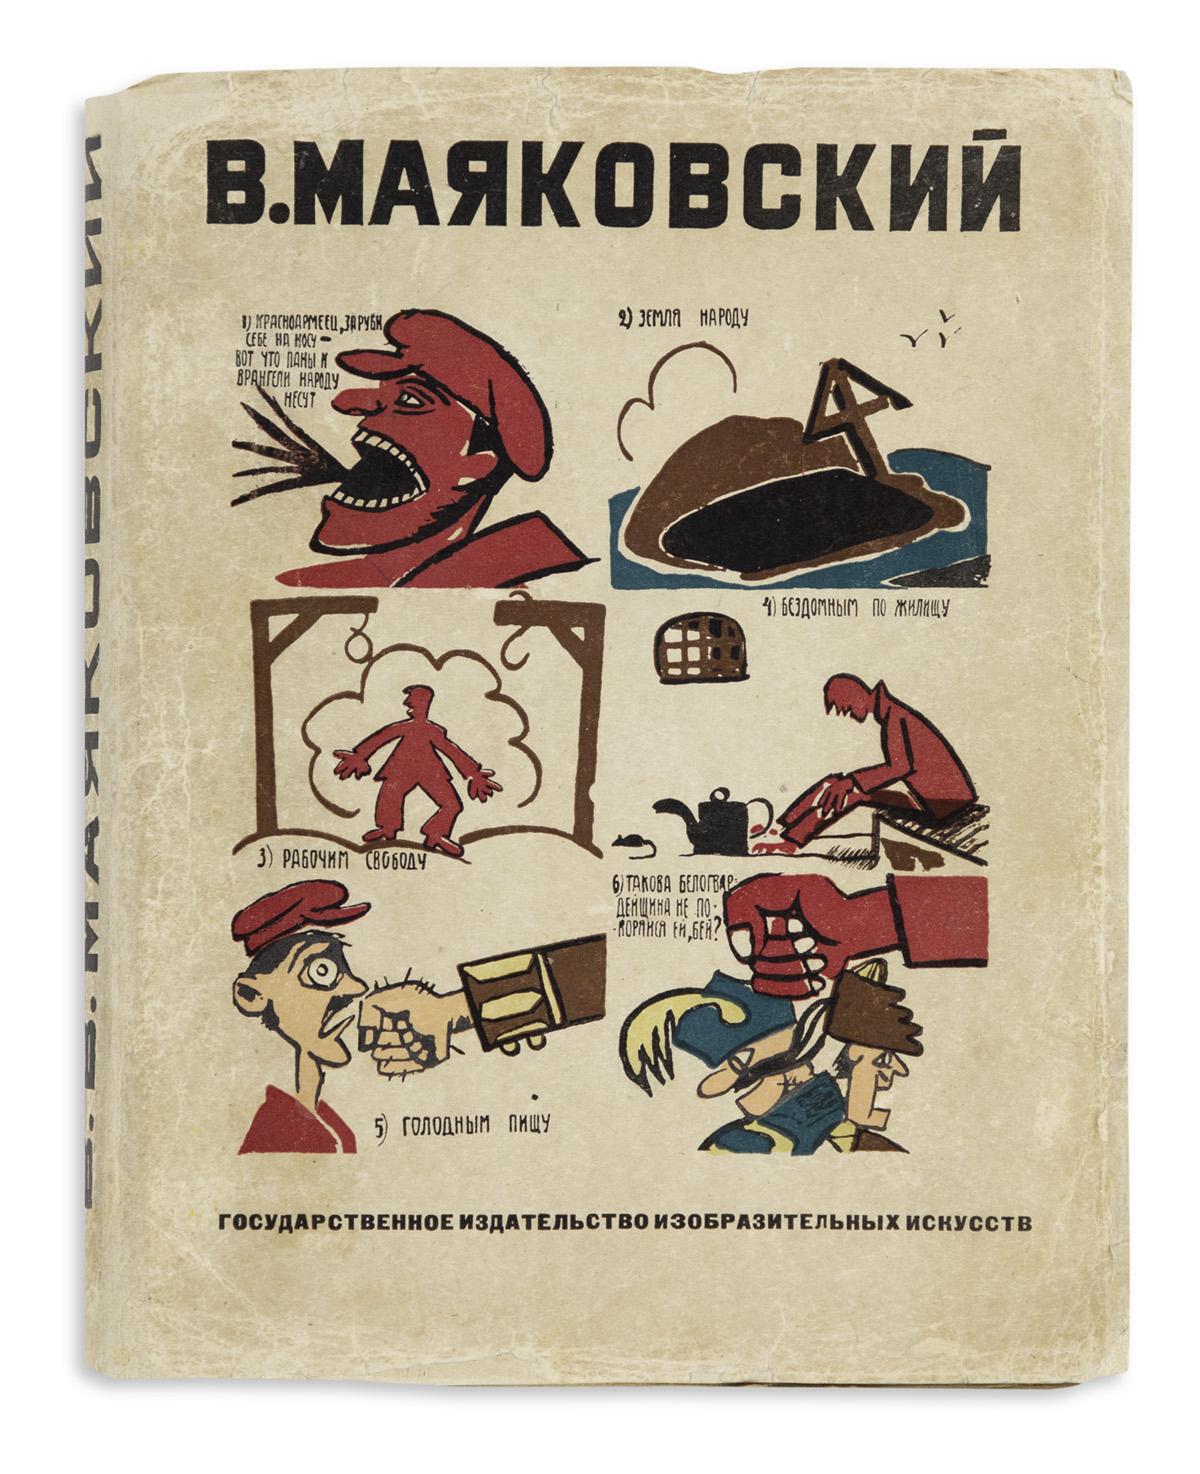 (RUSSIAN AVANT-GARDE.) Mayakovsky, Vladimir. Vladimir Mayakovsky.